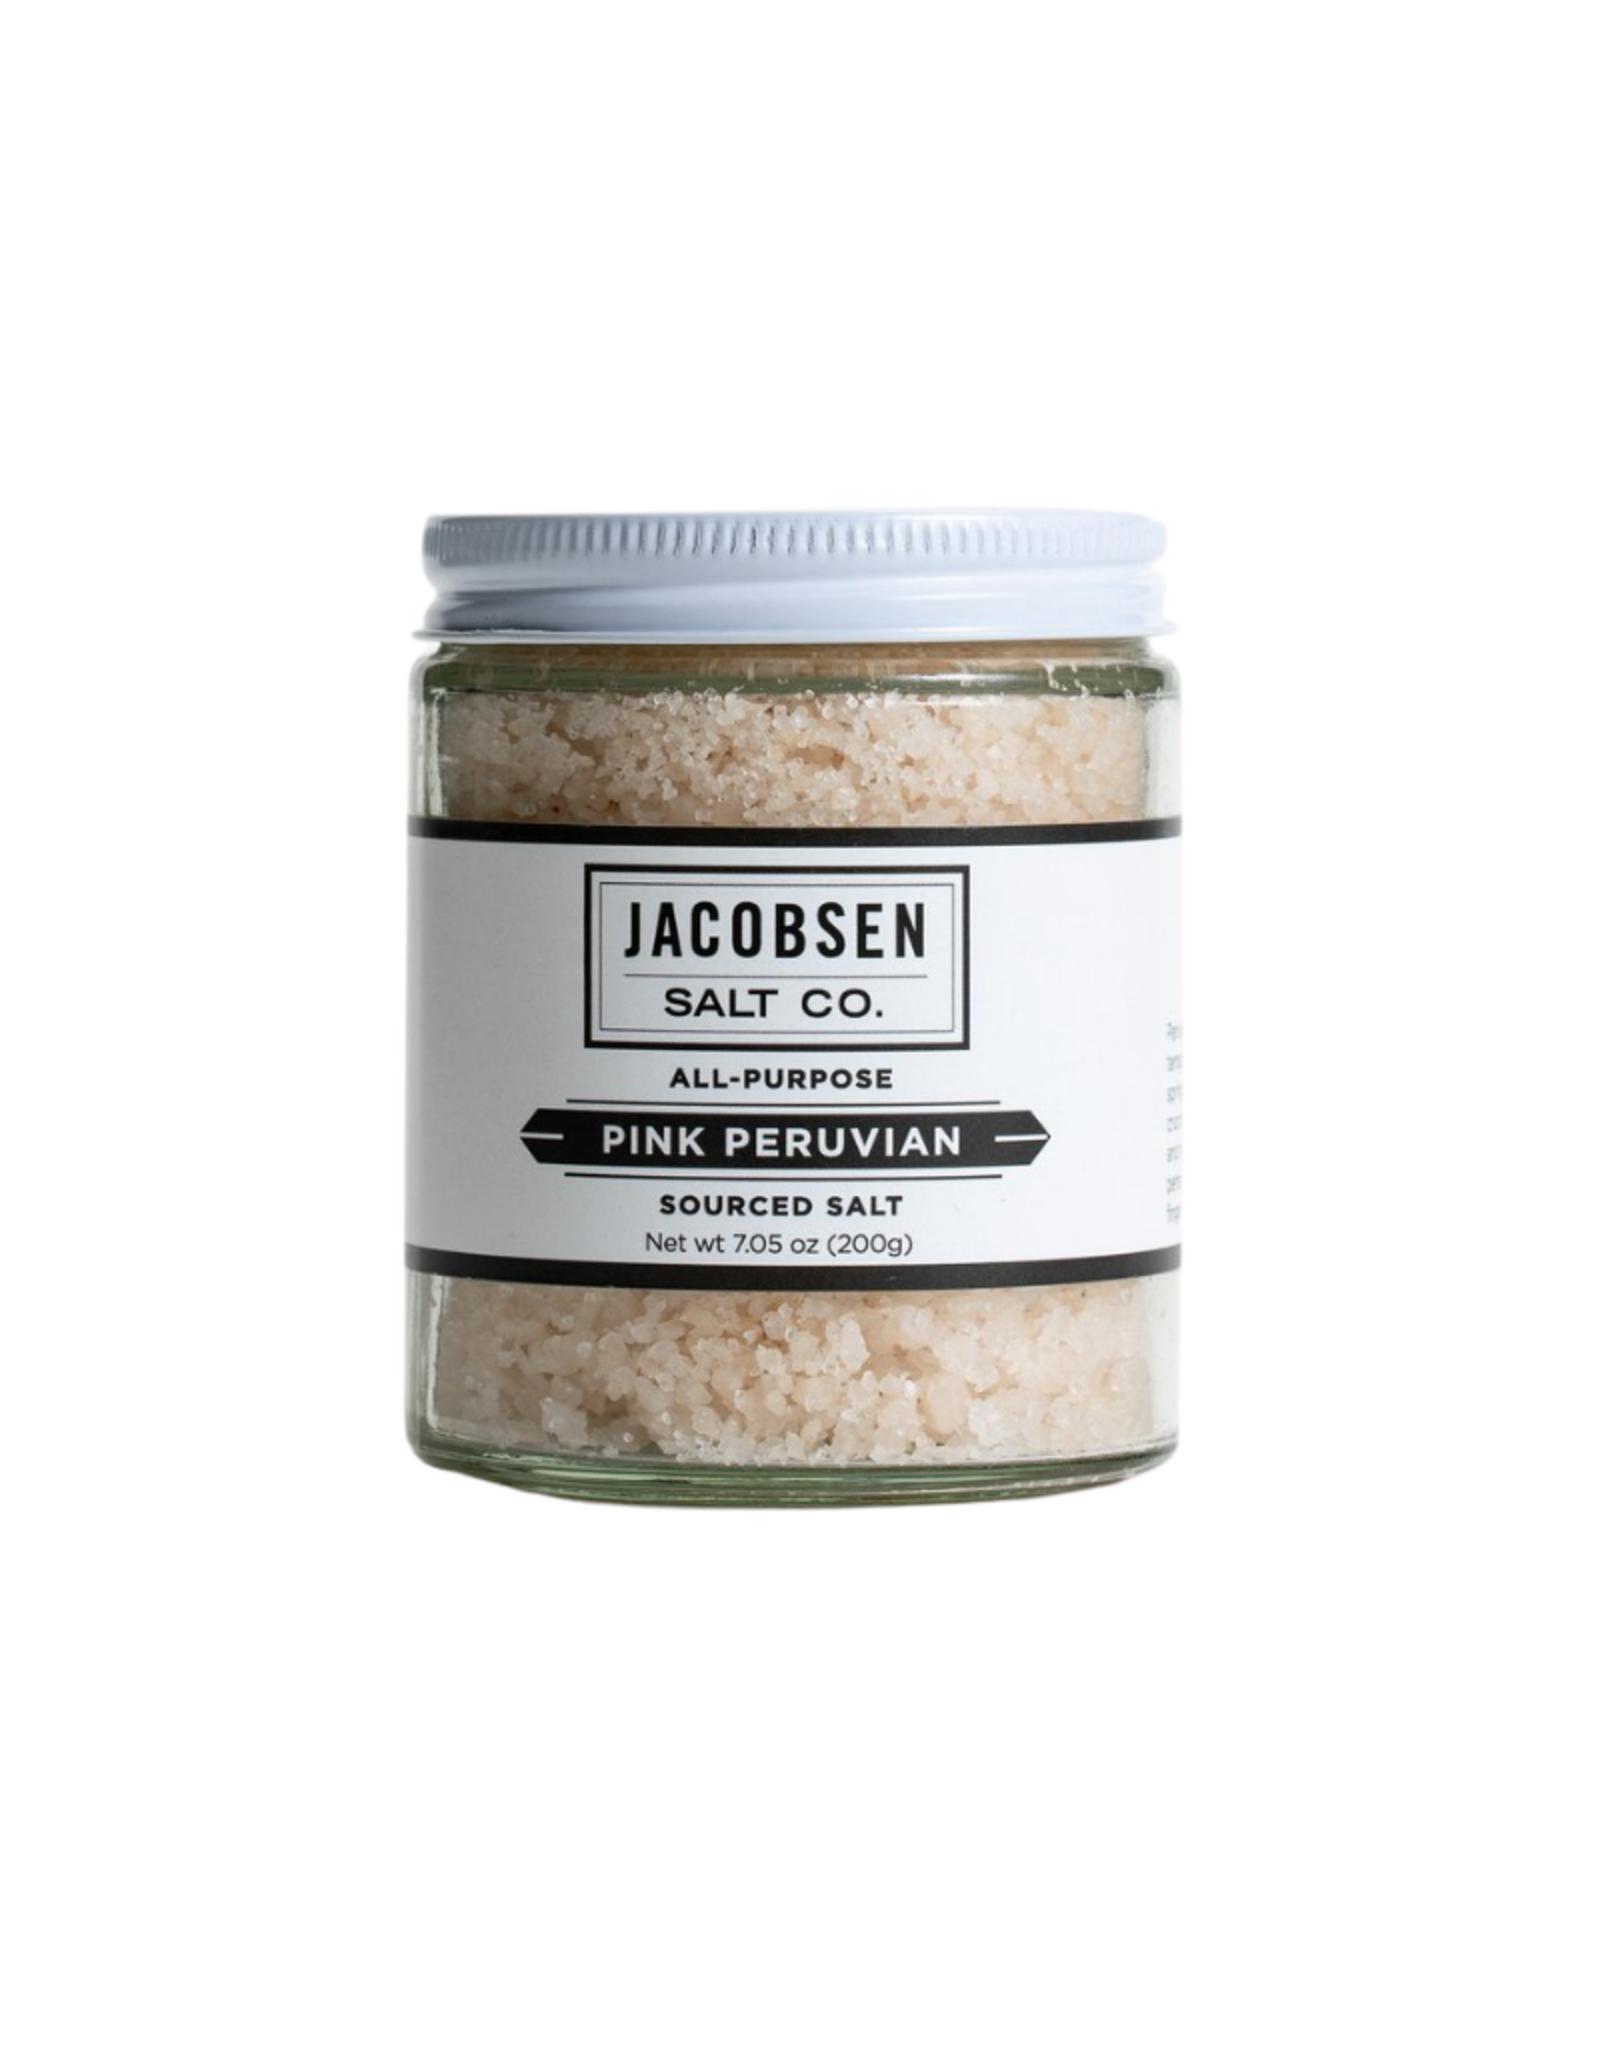 Jacobsen Salt Co. Pink Peruvian Sourced Salt